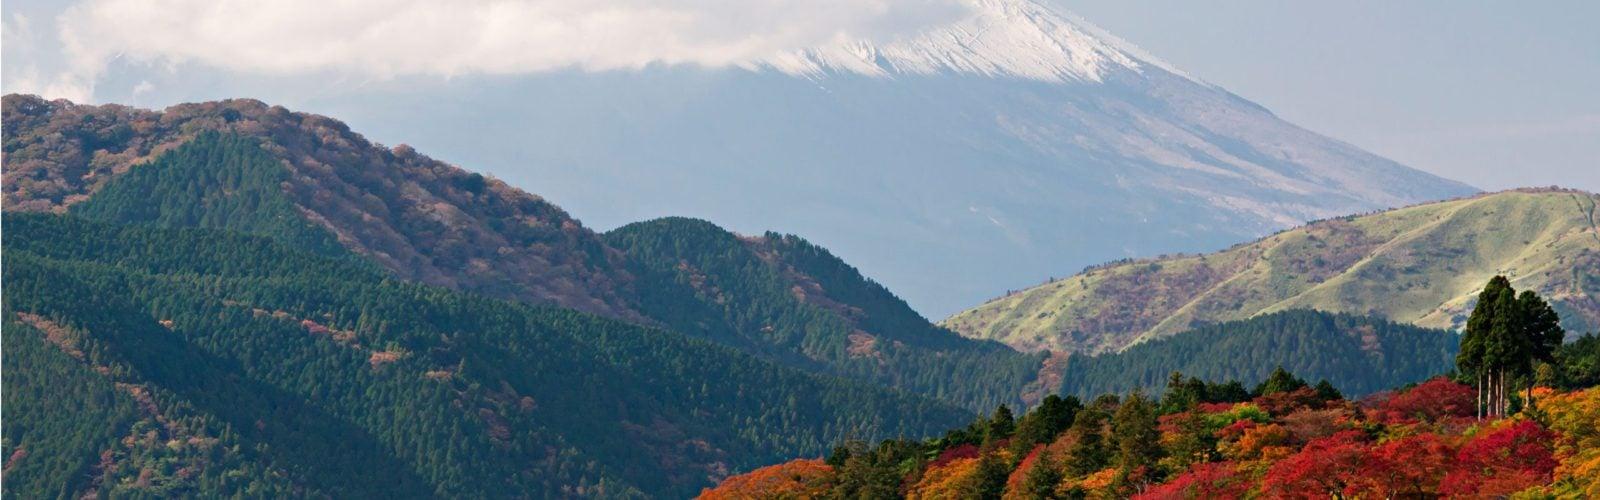 lake-ashi-mount-fuji-japan